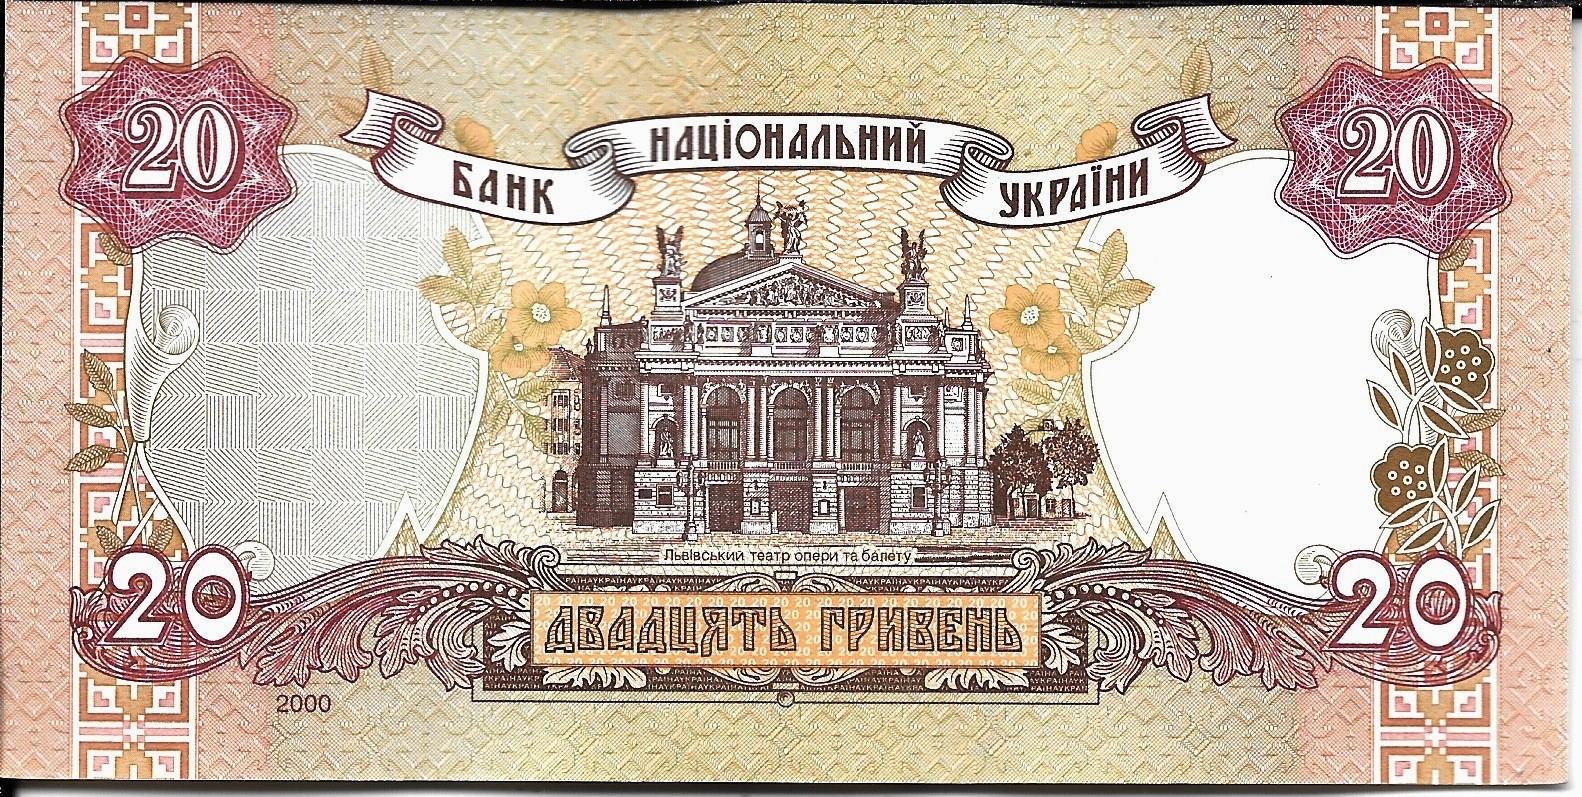 Монета 10 гривен, 2000 - украина (100 лет львовскому театру оперы и балета) - obverse